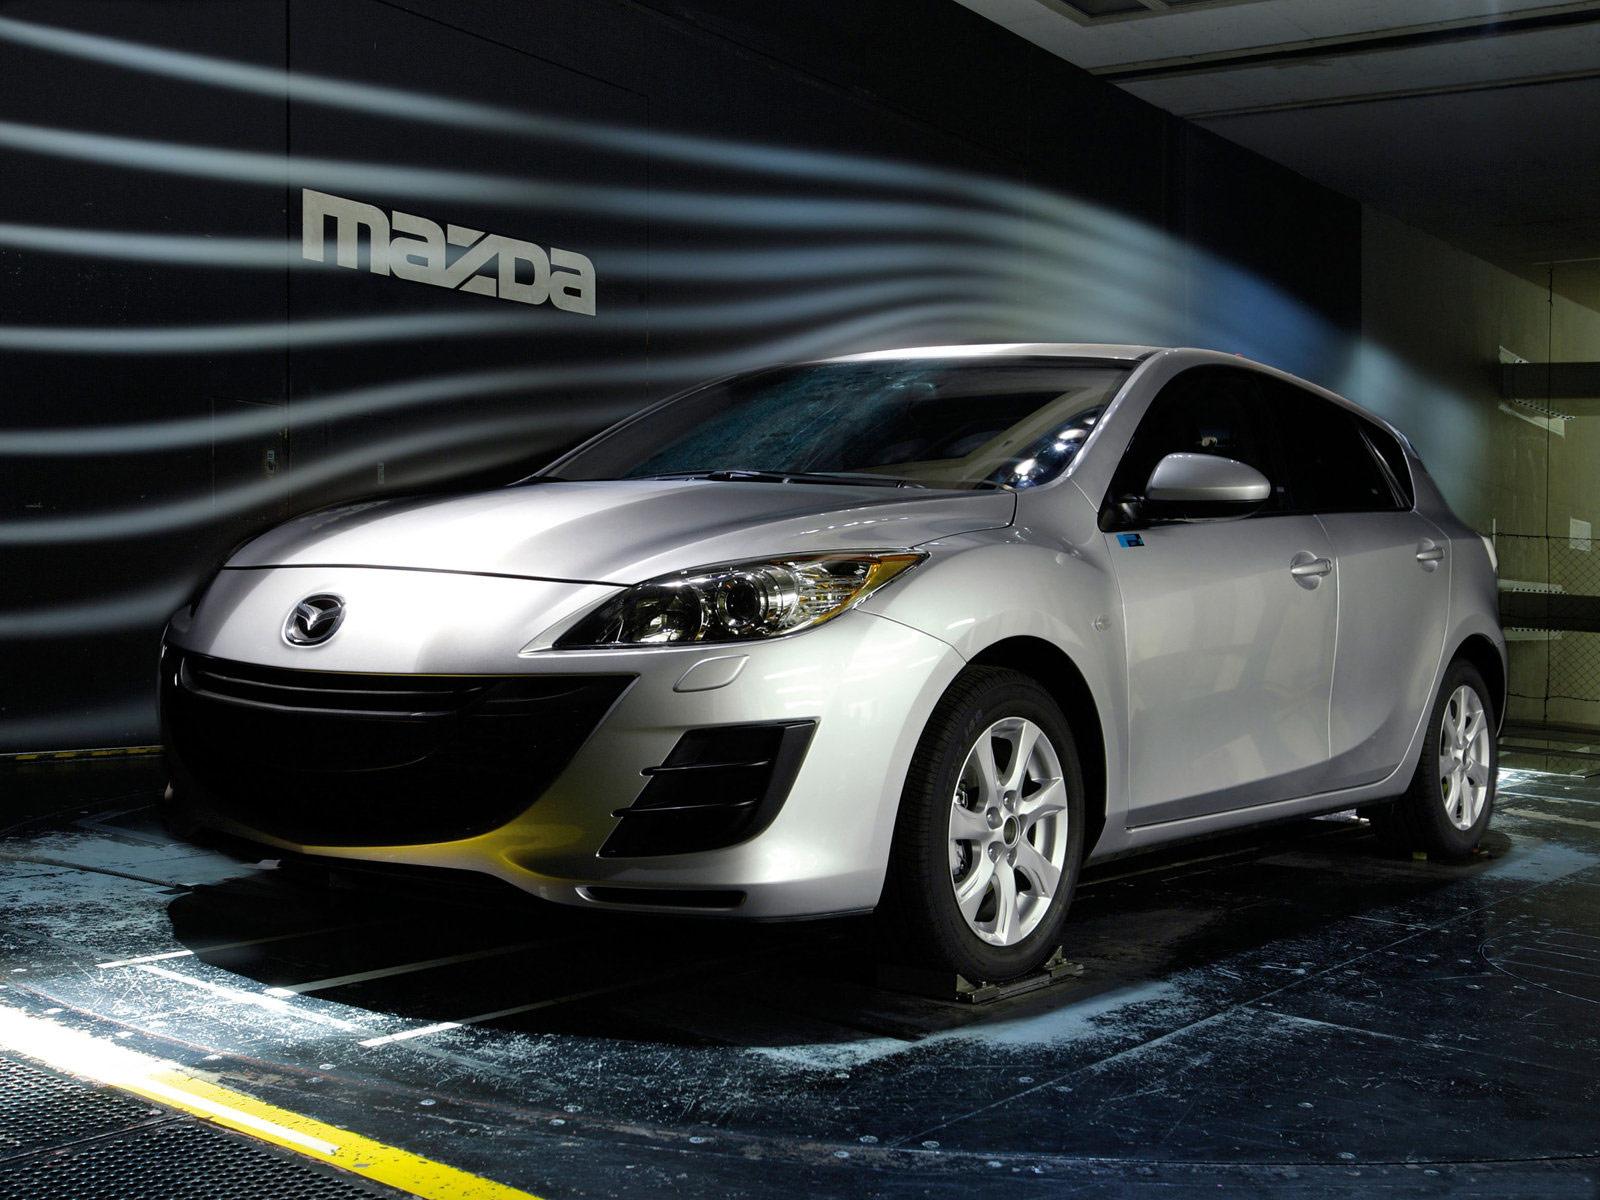 http://4.bp.blogspot.com/-8XwTT_IXVcY/Tiuqq8Ot0rI/AAAAAAAABBQ/HaiEmwF6YnQ/s1600/Mazda-3_2010_japanese-car-wallpapers_42.jpg